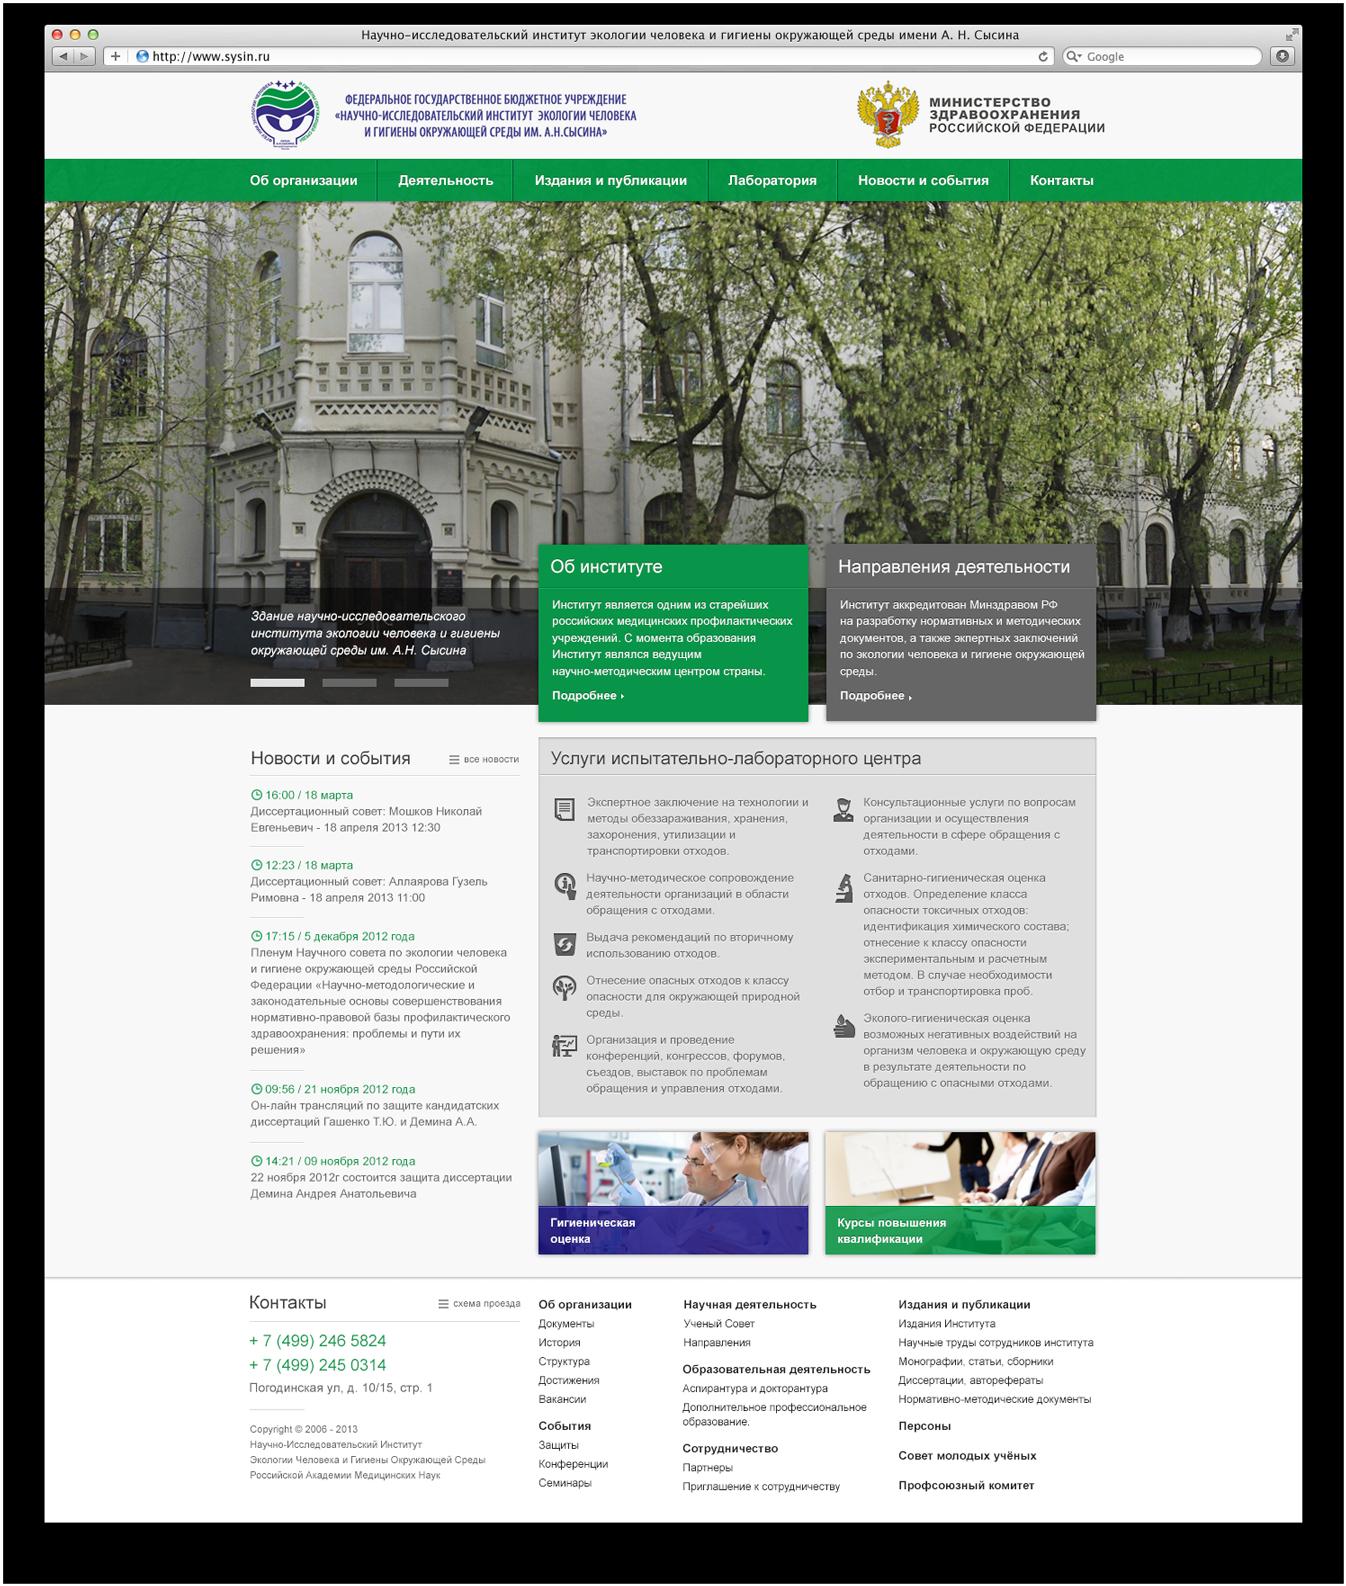 Редизайн сайта научно-исследовательского института фото f_794514b390f68c81.png